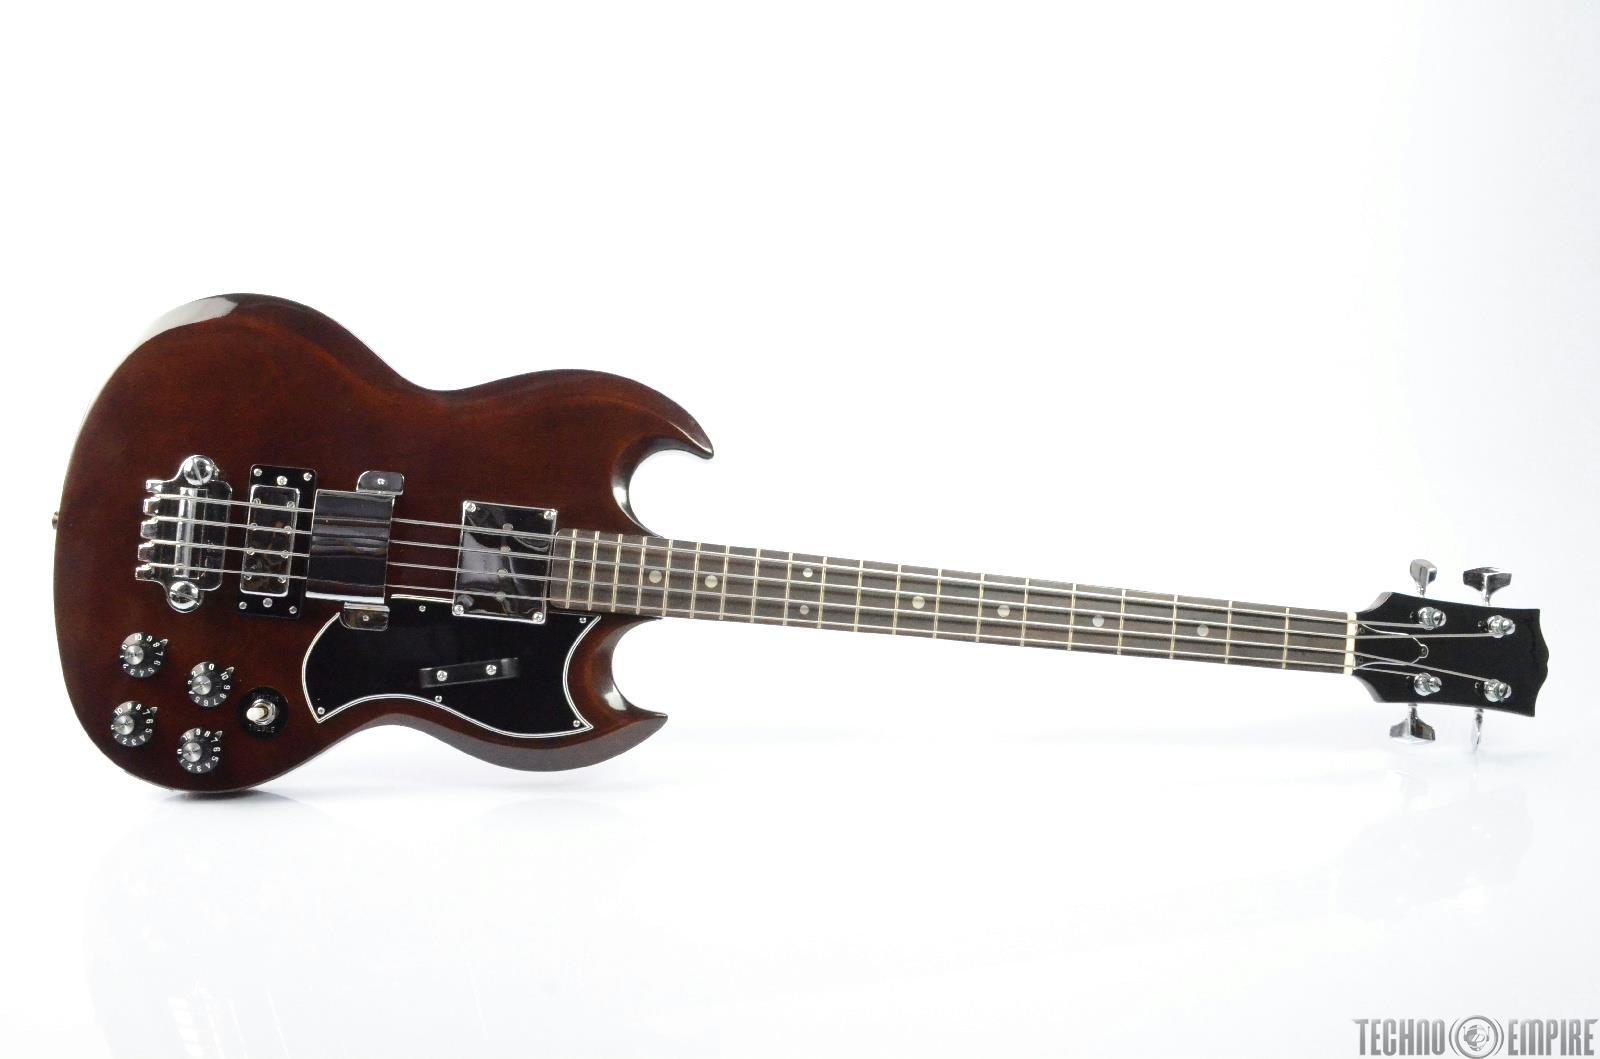 Vintage Ariel Greco Emperador SG Electric Bass Guitar Made in Japan #26382